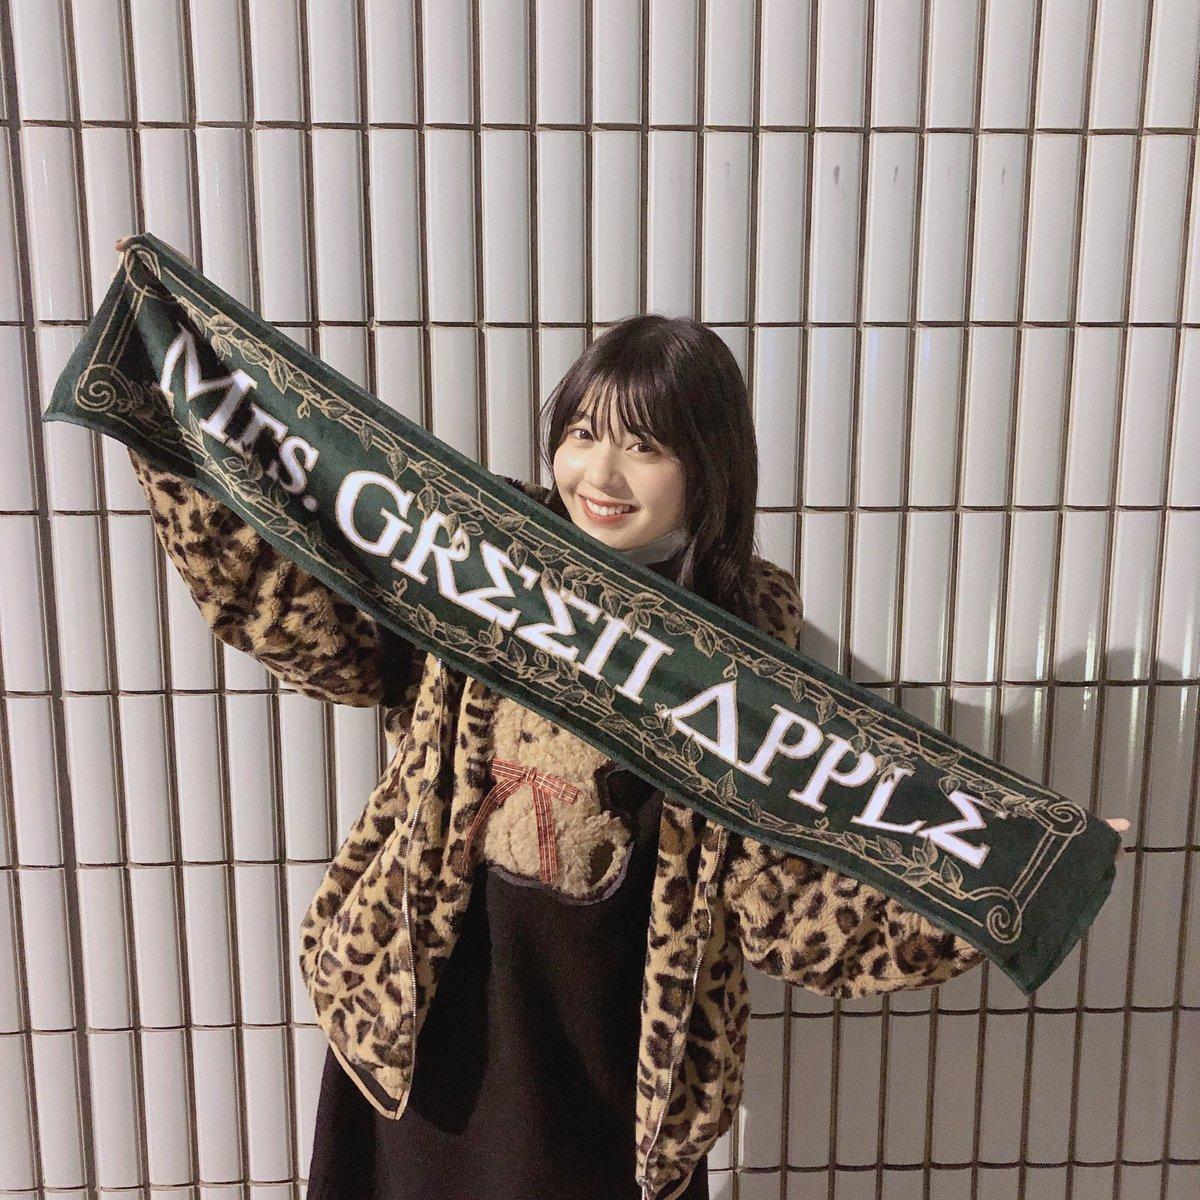 Mrs. GREEN APPLEさんの横浜アリーナ LIVEに行ってきました😚💕💕すごい幸せな時間だったあ🥰🥰 #MrsGREENAPPLE